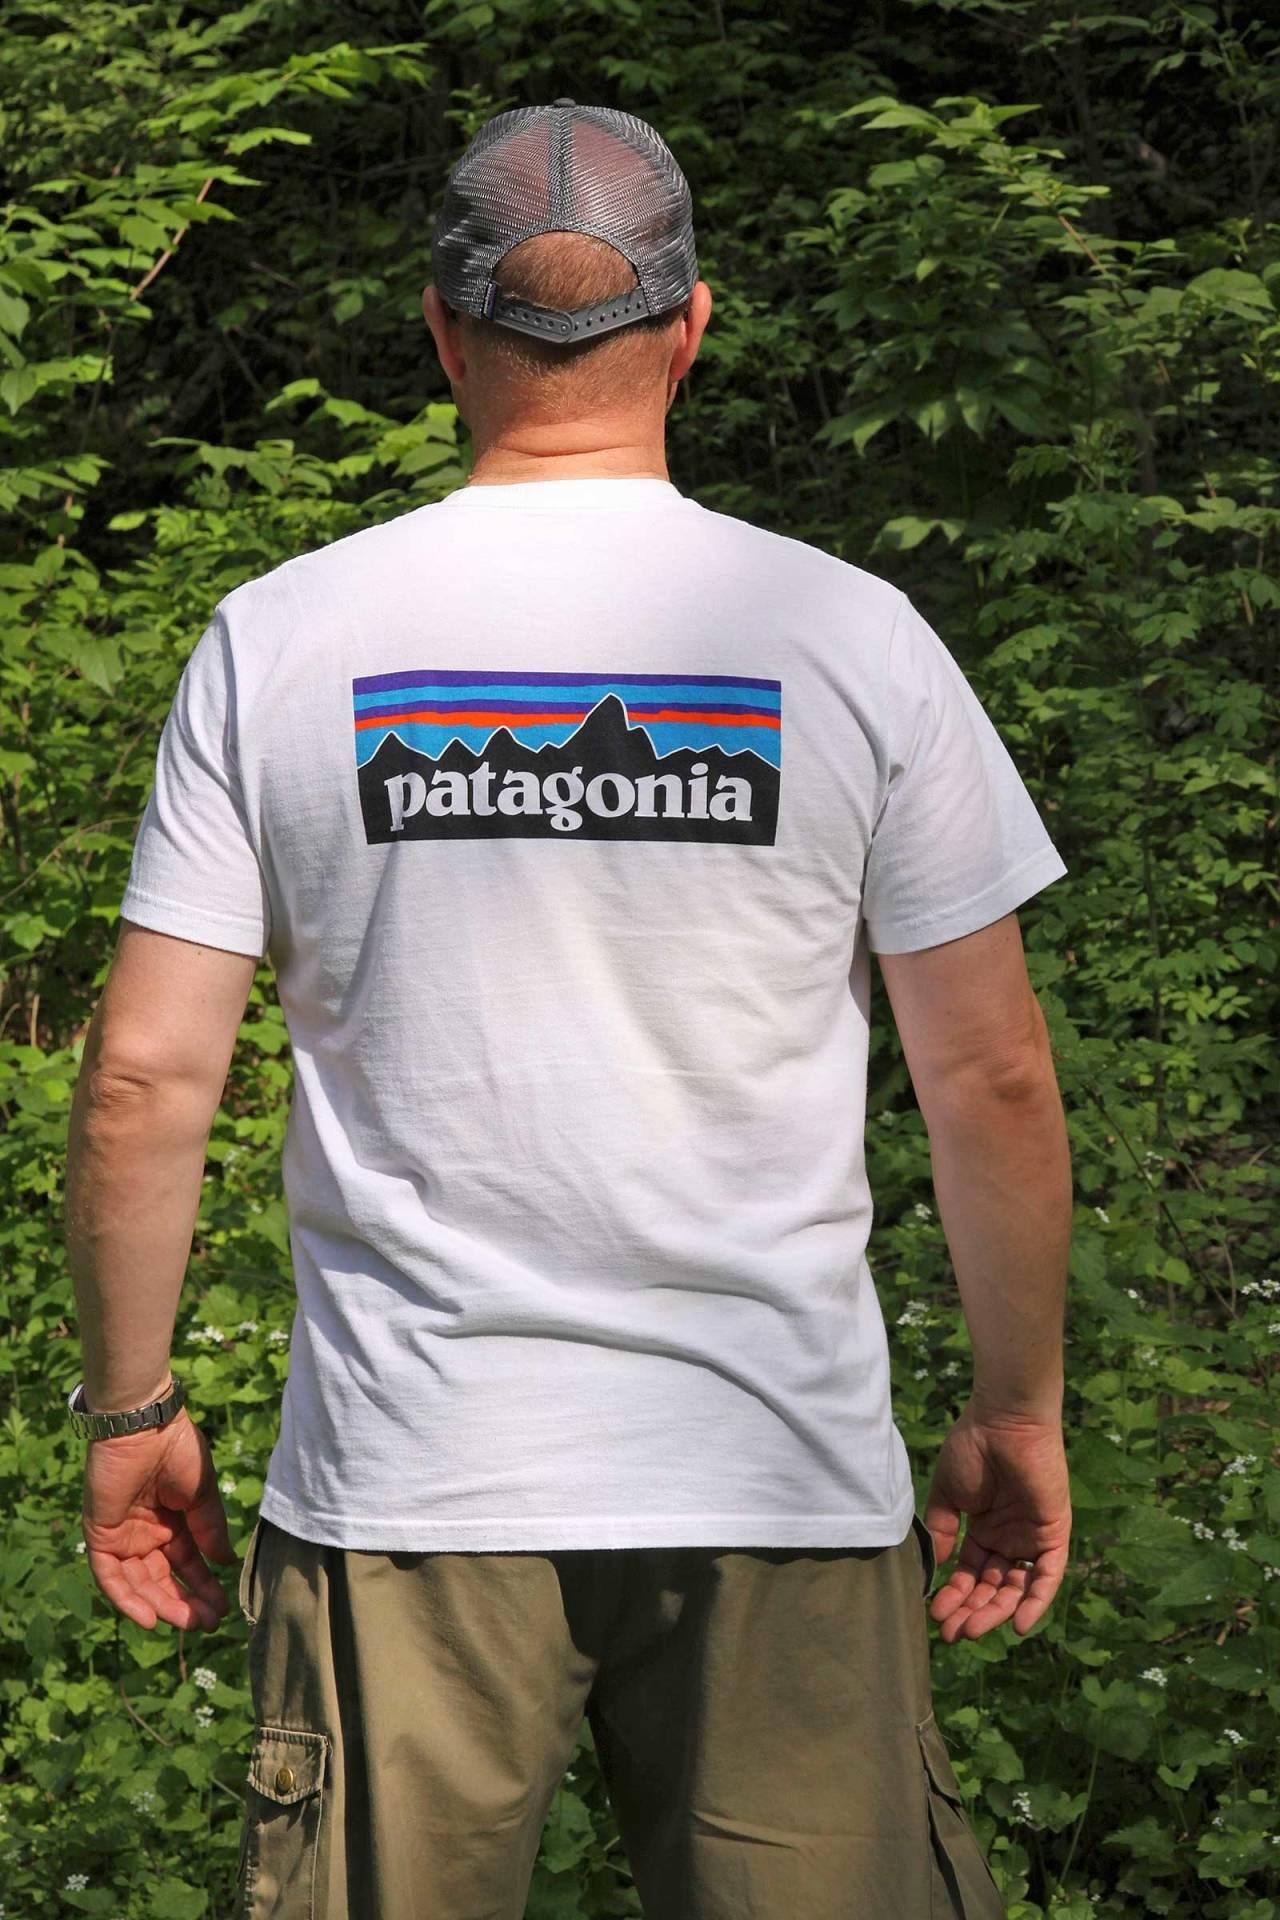 Populær: Patagonias P-6 T-shirt selger i bøtter og spann, ikke minst på grunn av miljøprofilen.